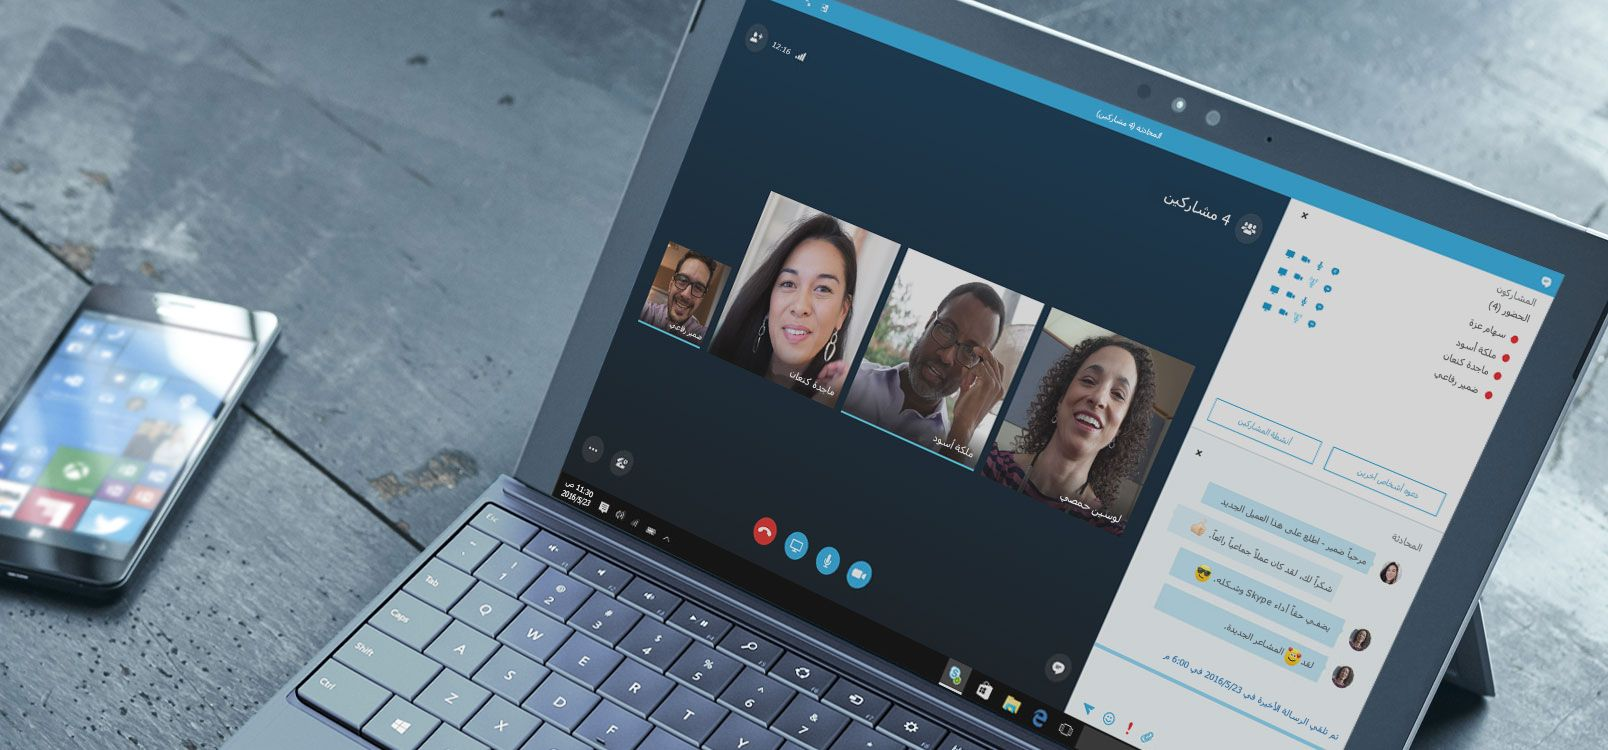 سيدة تستخدم Office 365 على كمبيوتر لوحي وهاتف ذكي للتعاون في العمل على المستندات.